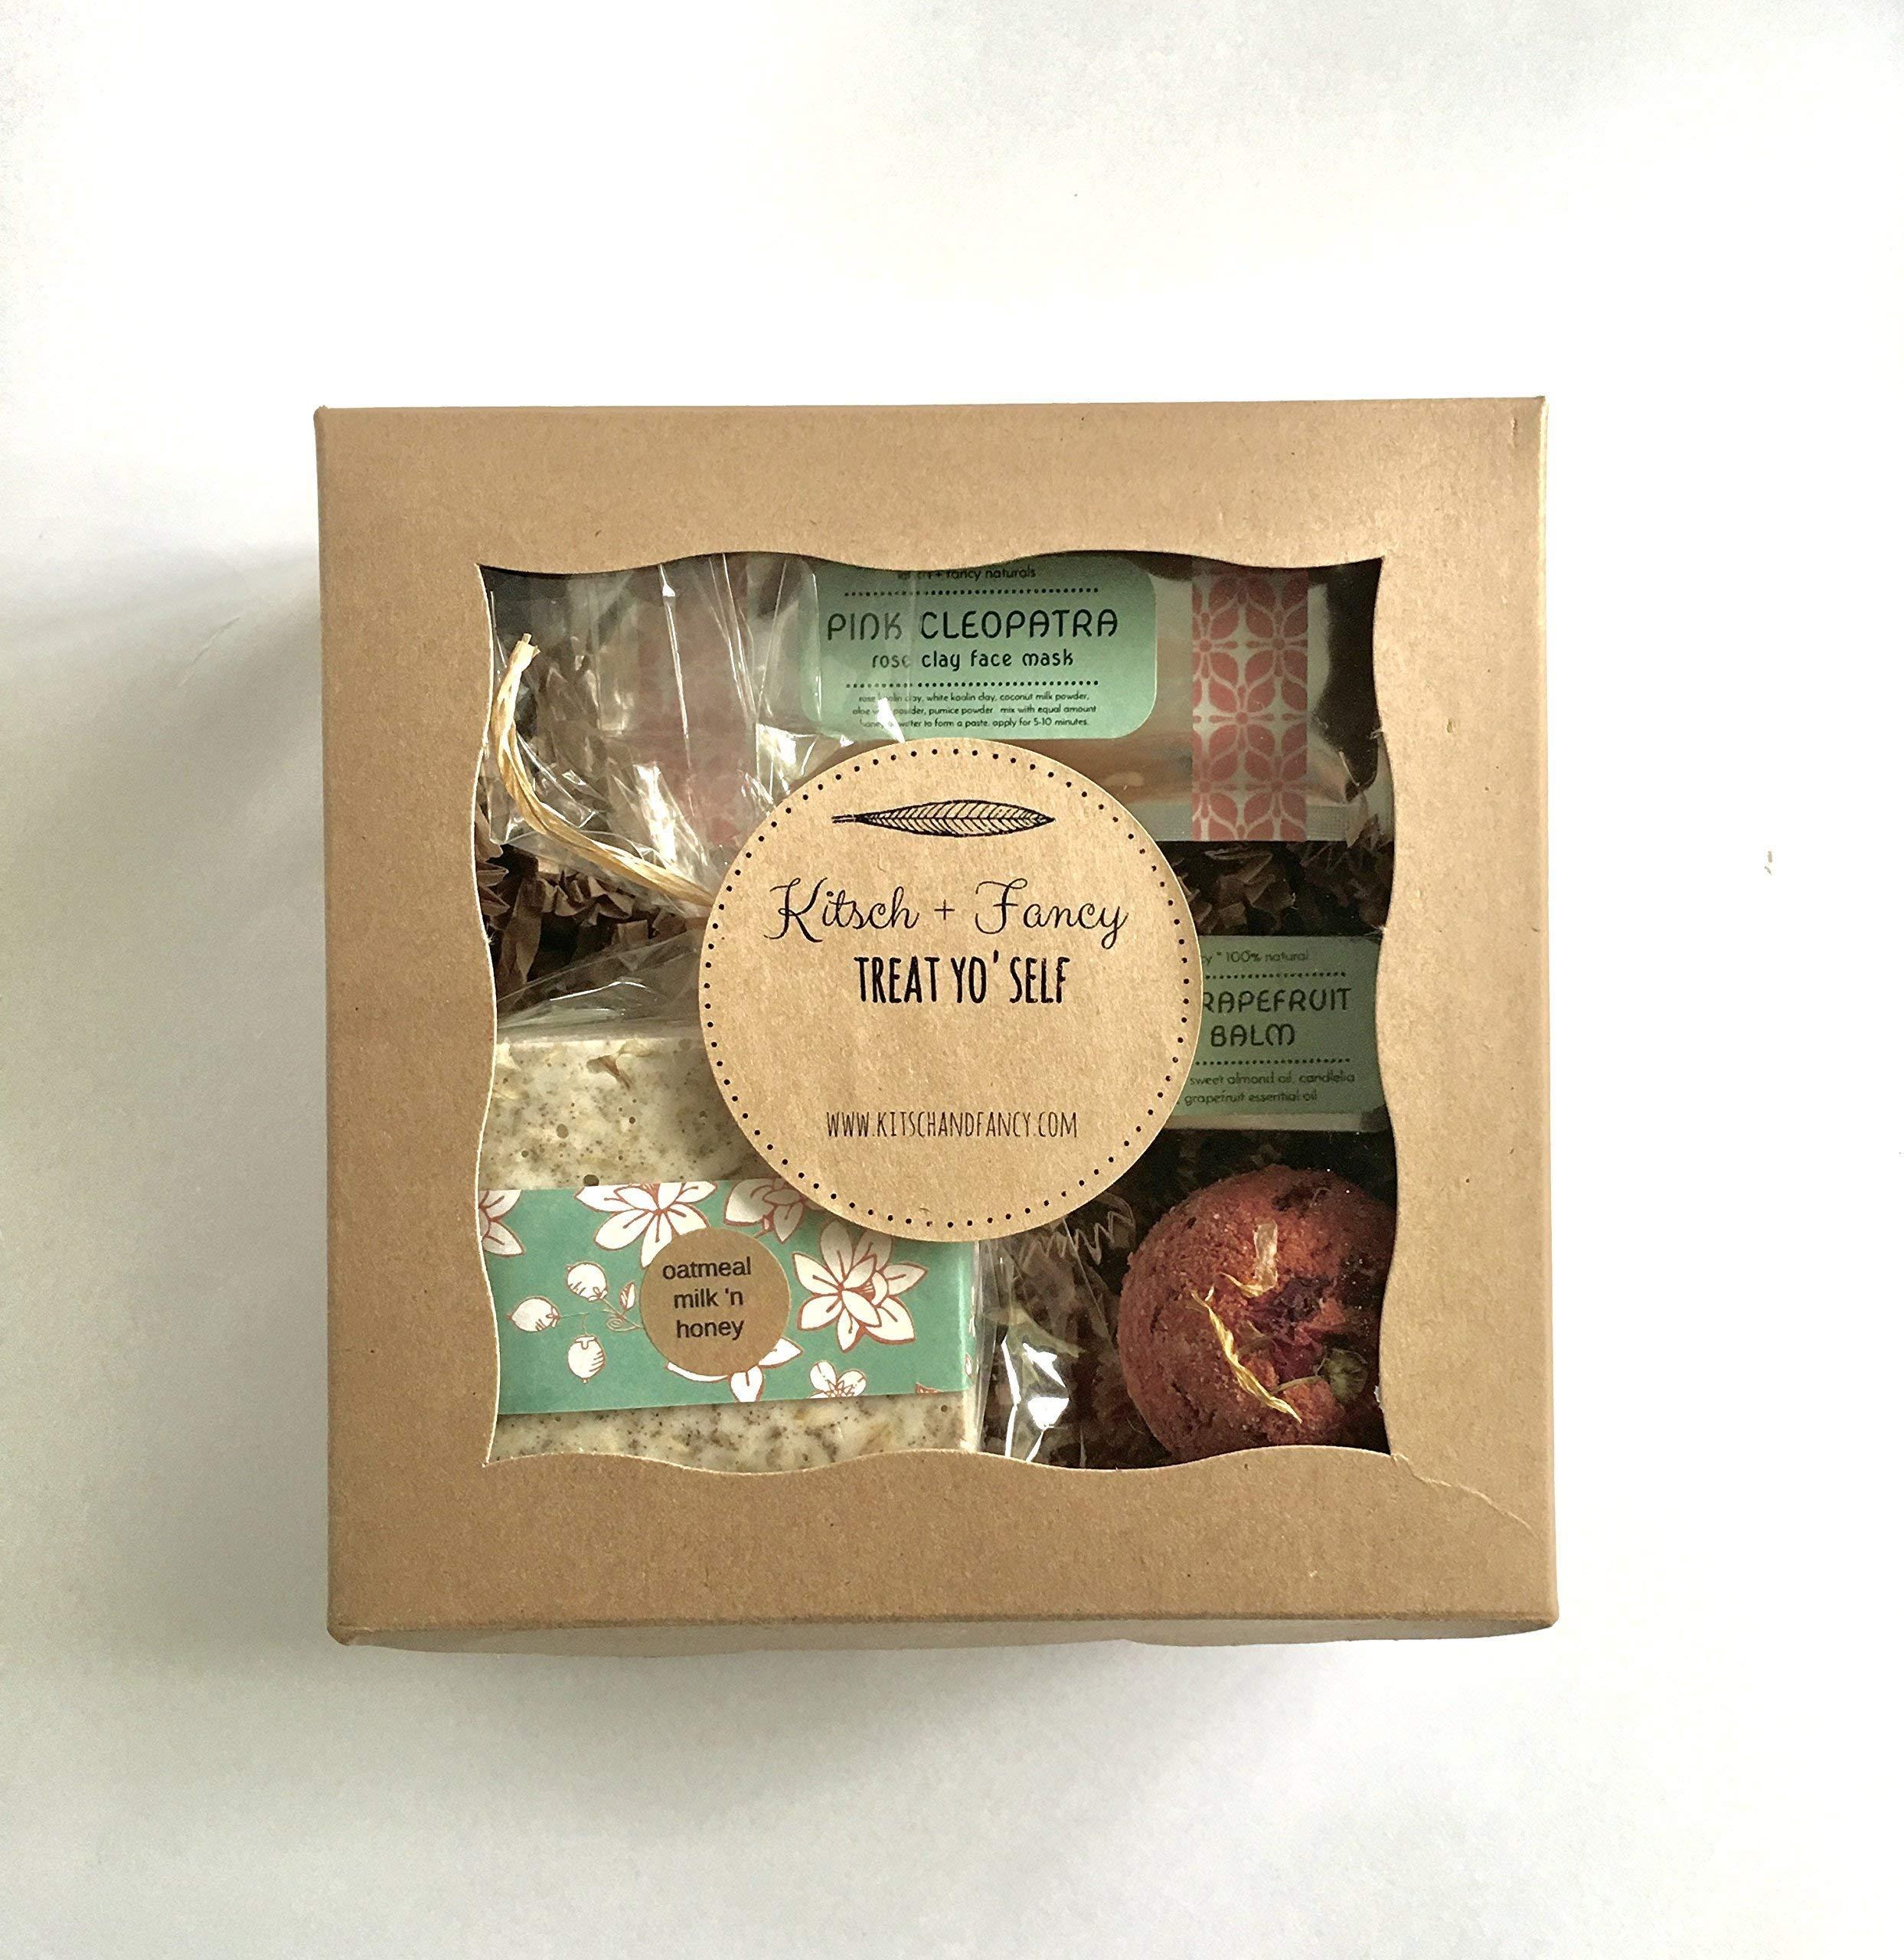 Treat Yo'self Box: Spa Gift Box